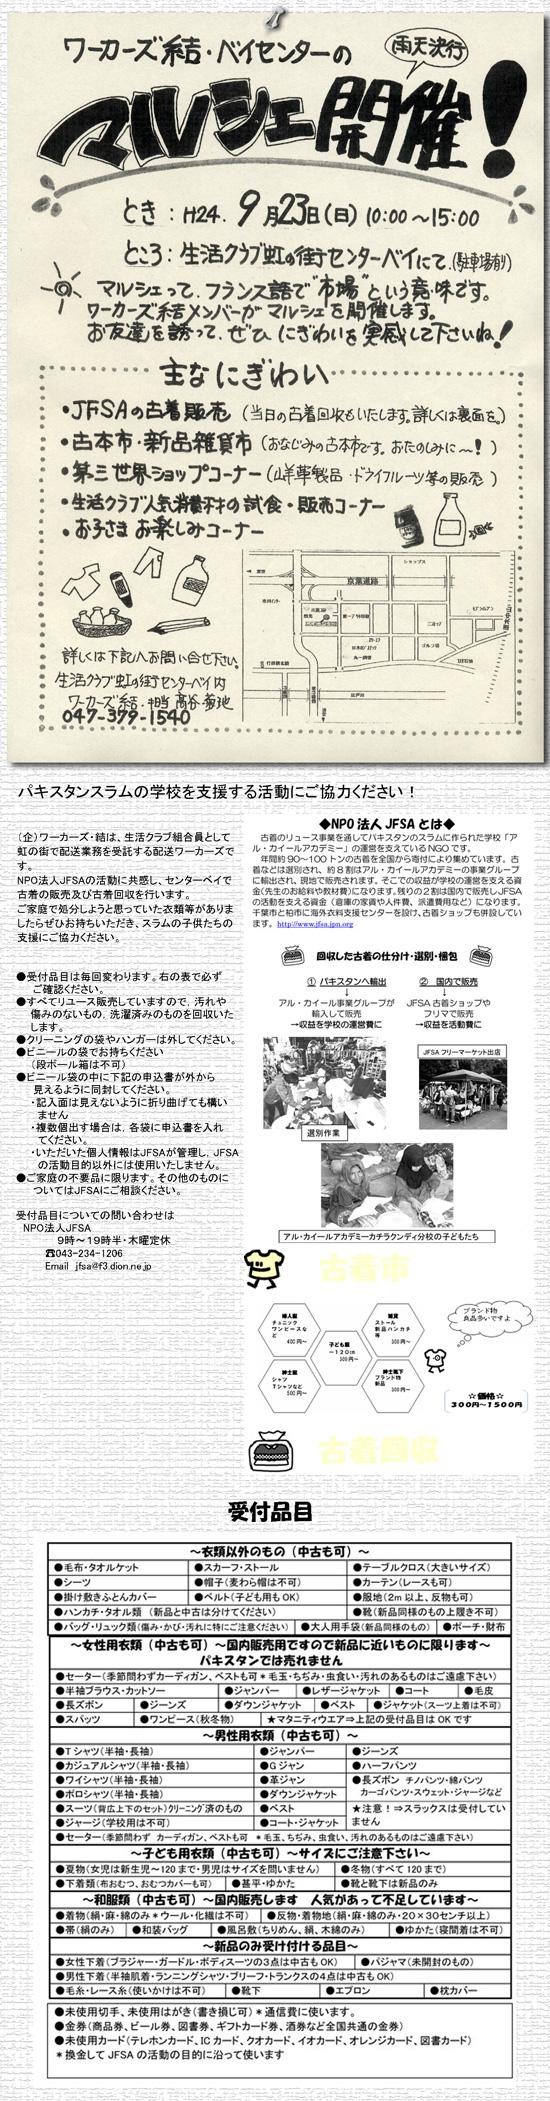 2012.0911yui_marche.jpg